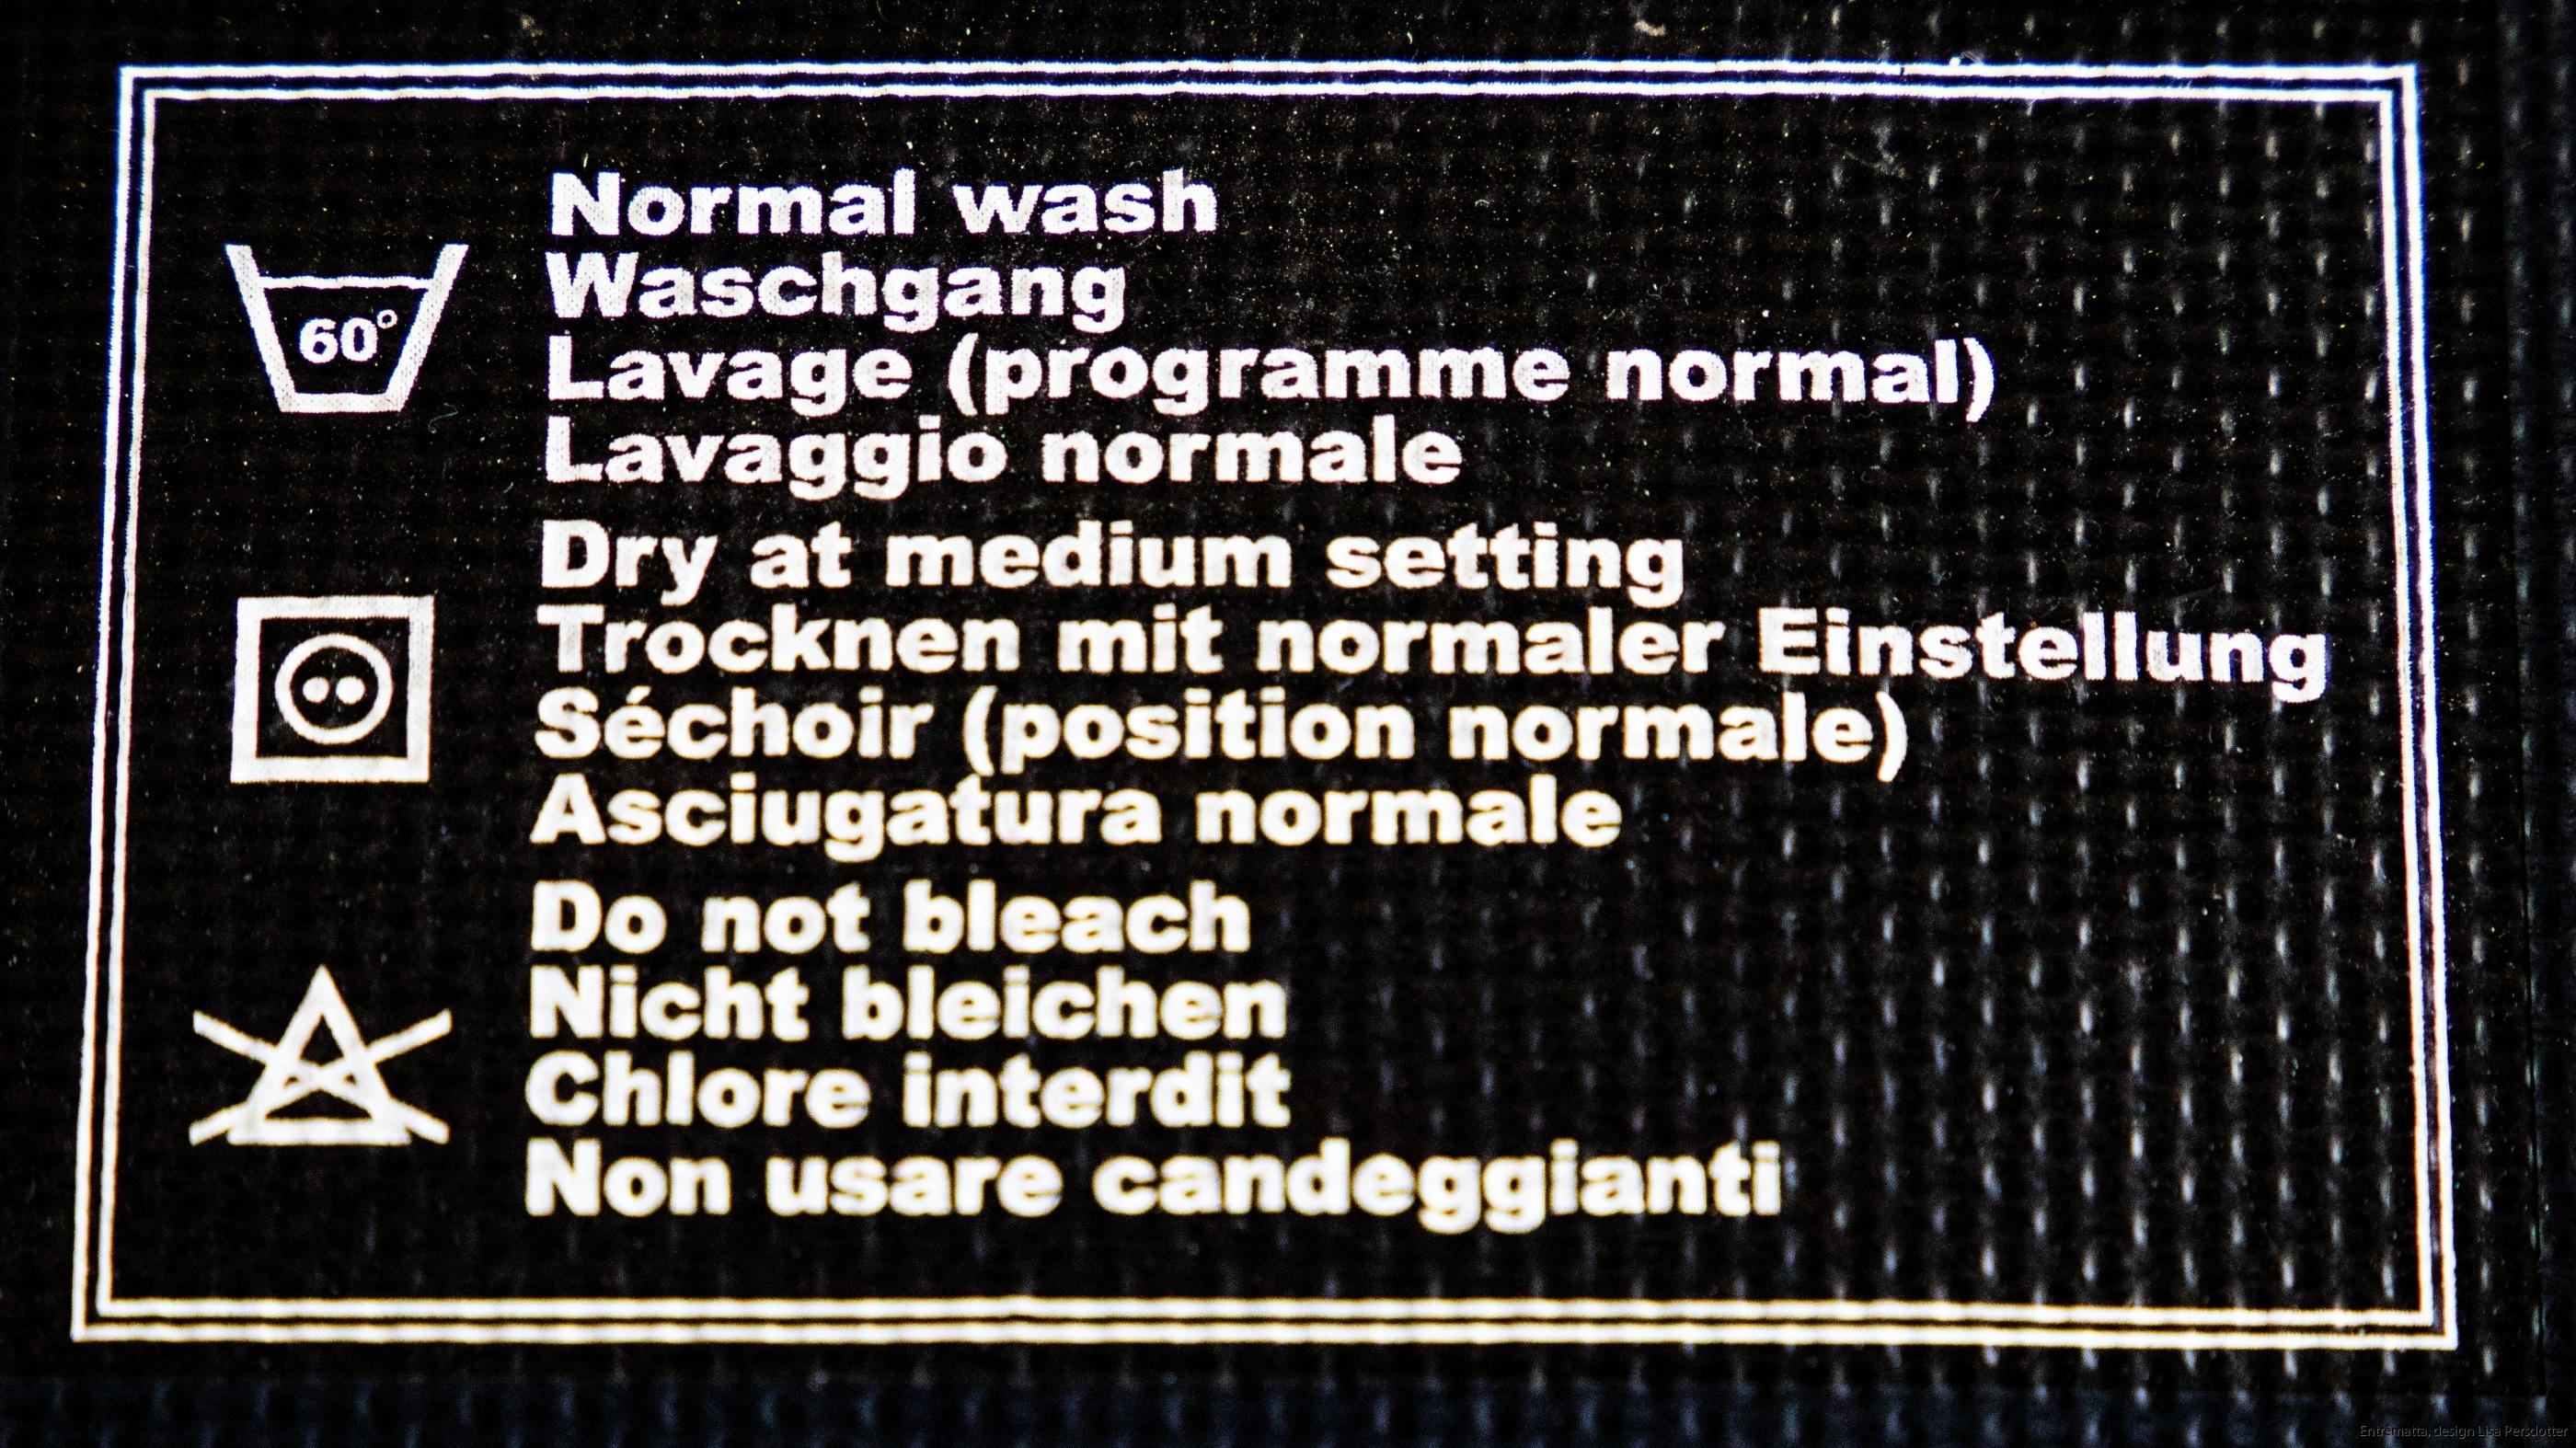 Hallmatta tvätt, design, tvätt 60 grader